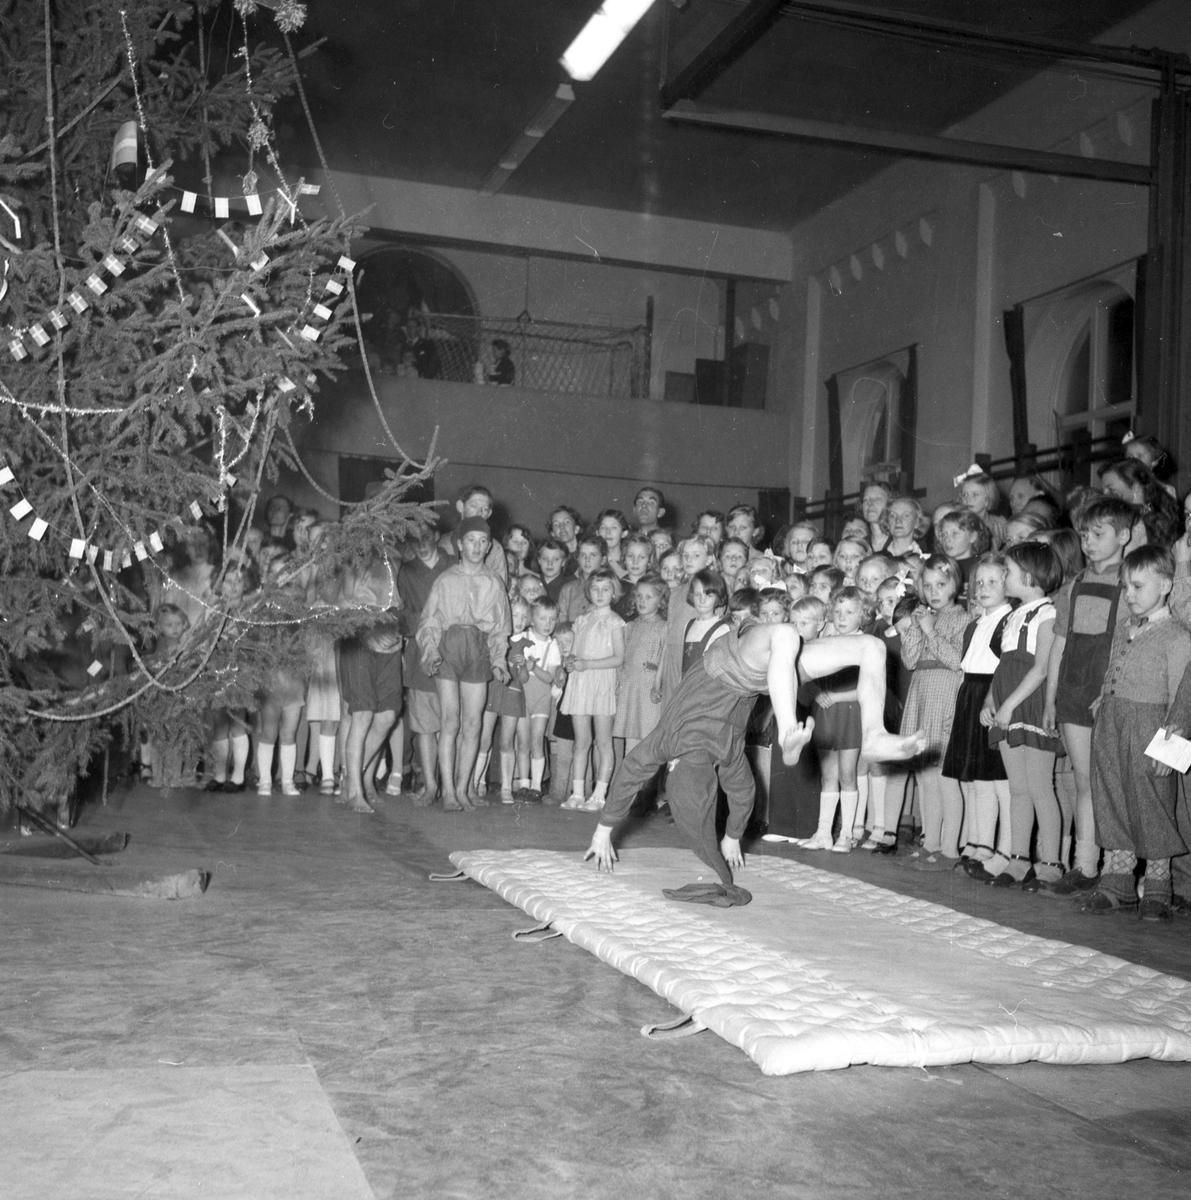 Gefle Jultomtar, julfest. 16 december 1951. Frk. Ljung, Brändströmgatan 10, Gävle